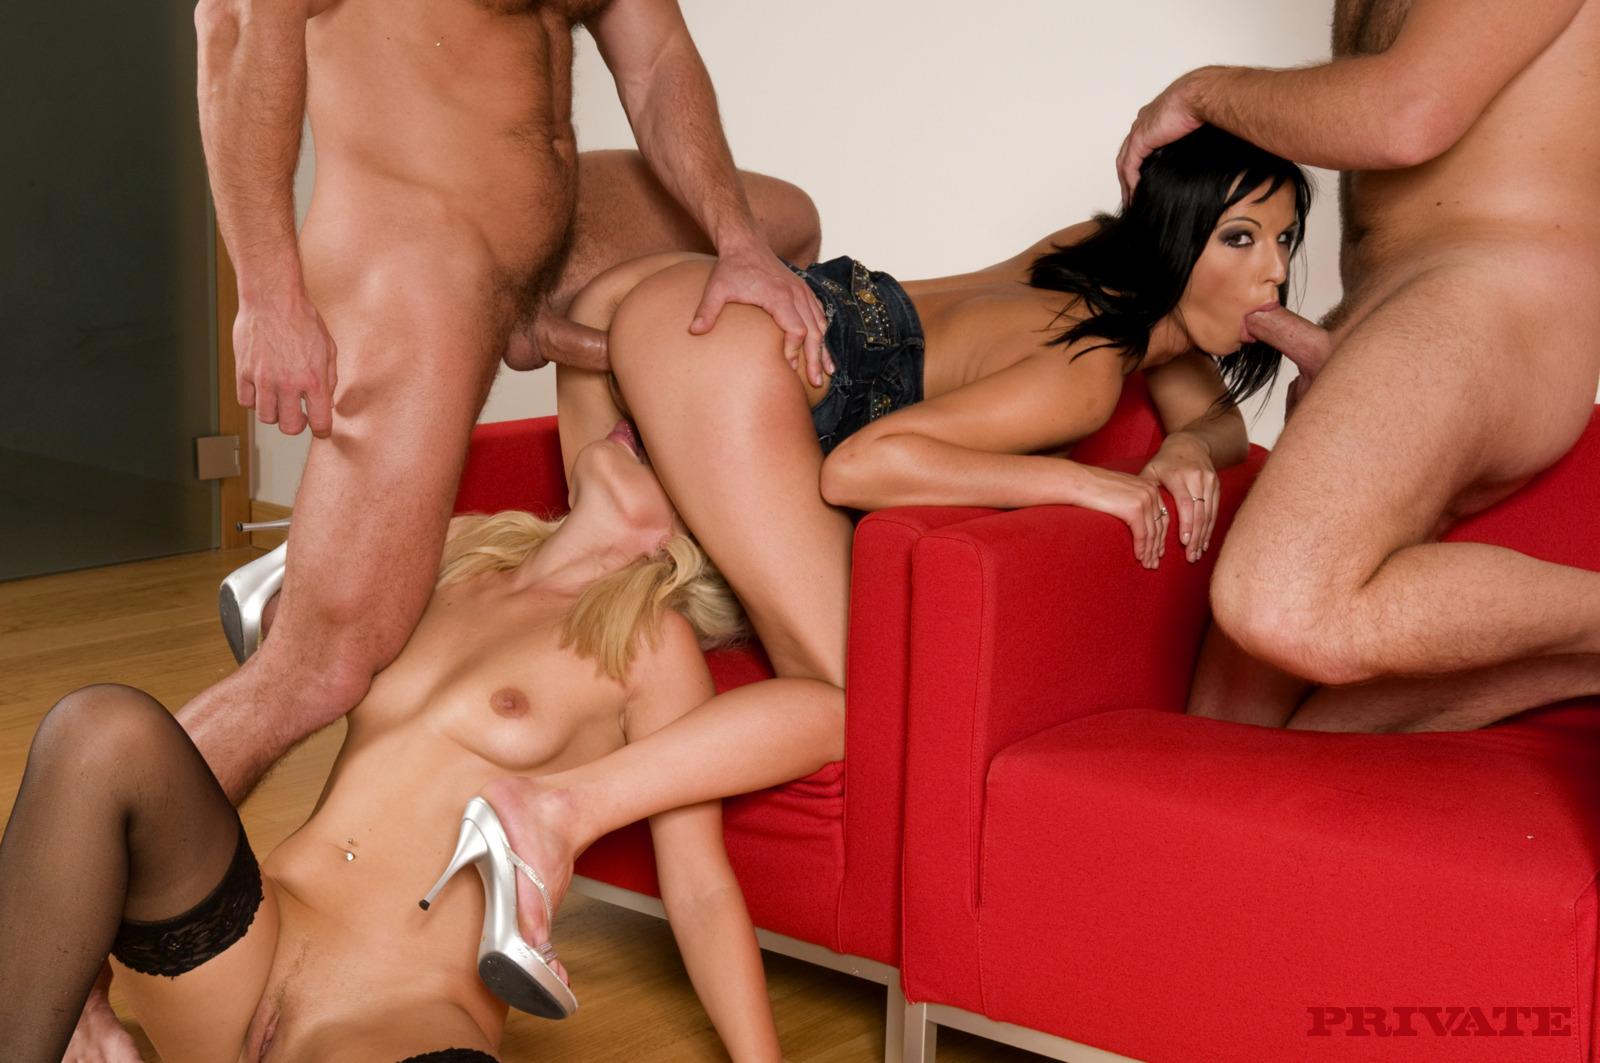 Nagalaind porne photo hentay slaves